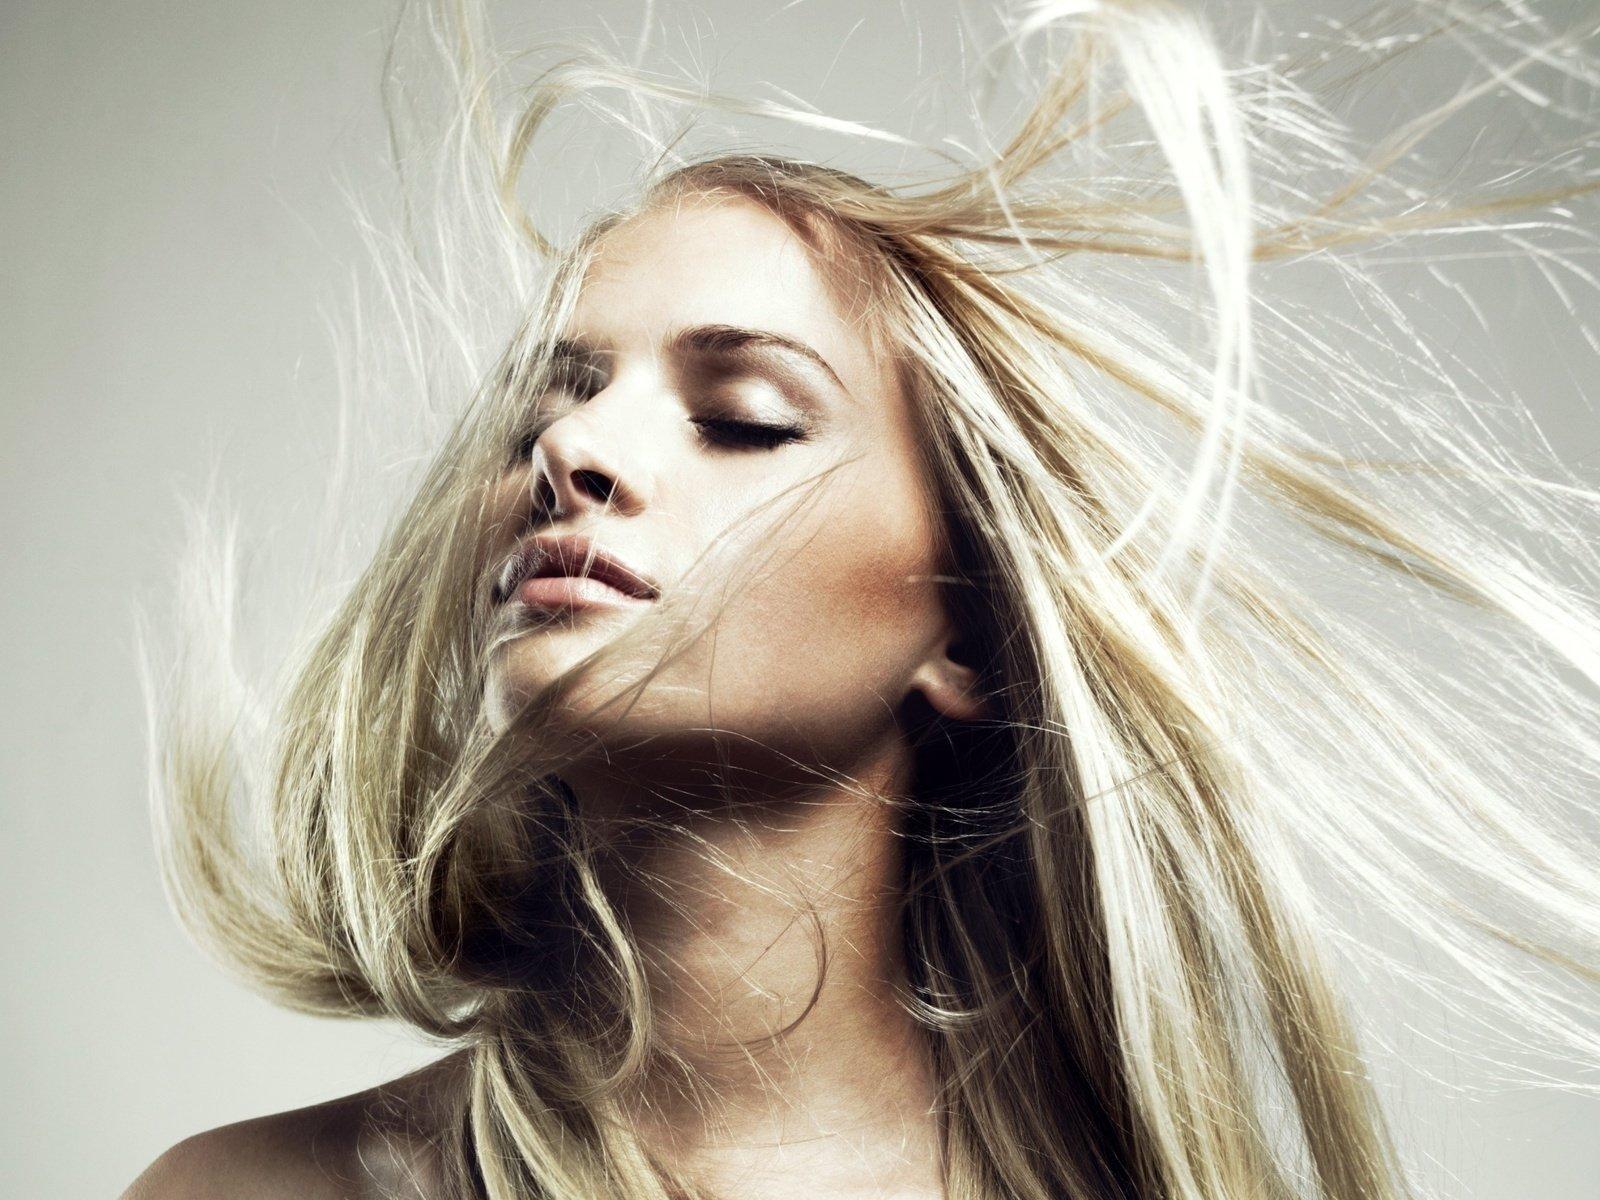 картинке волосы на ветру картинки силу естественных процессов